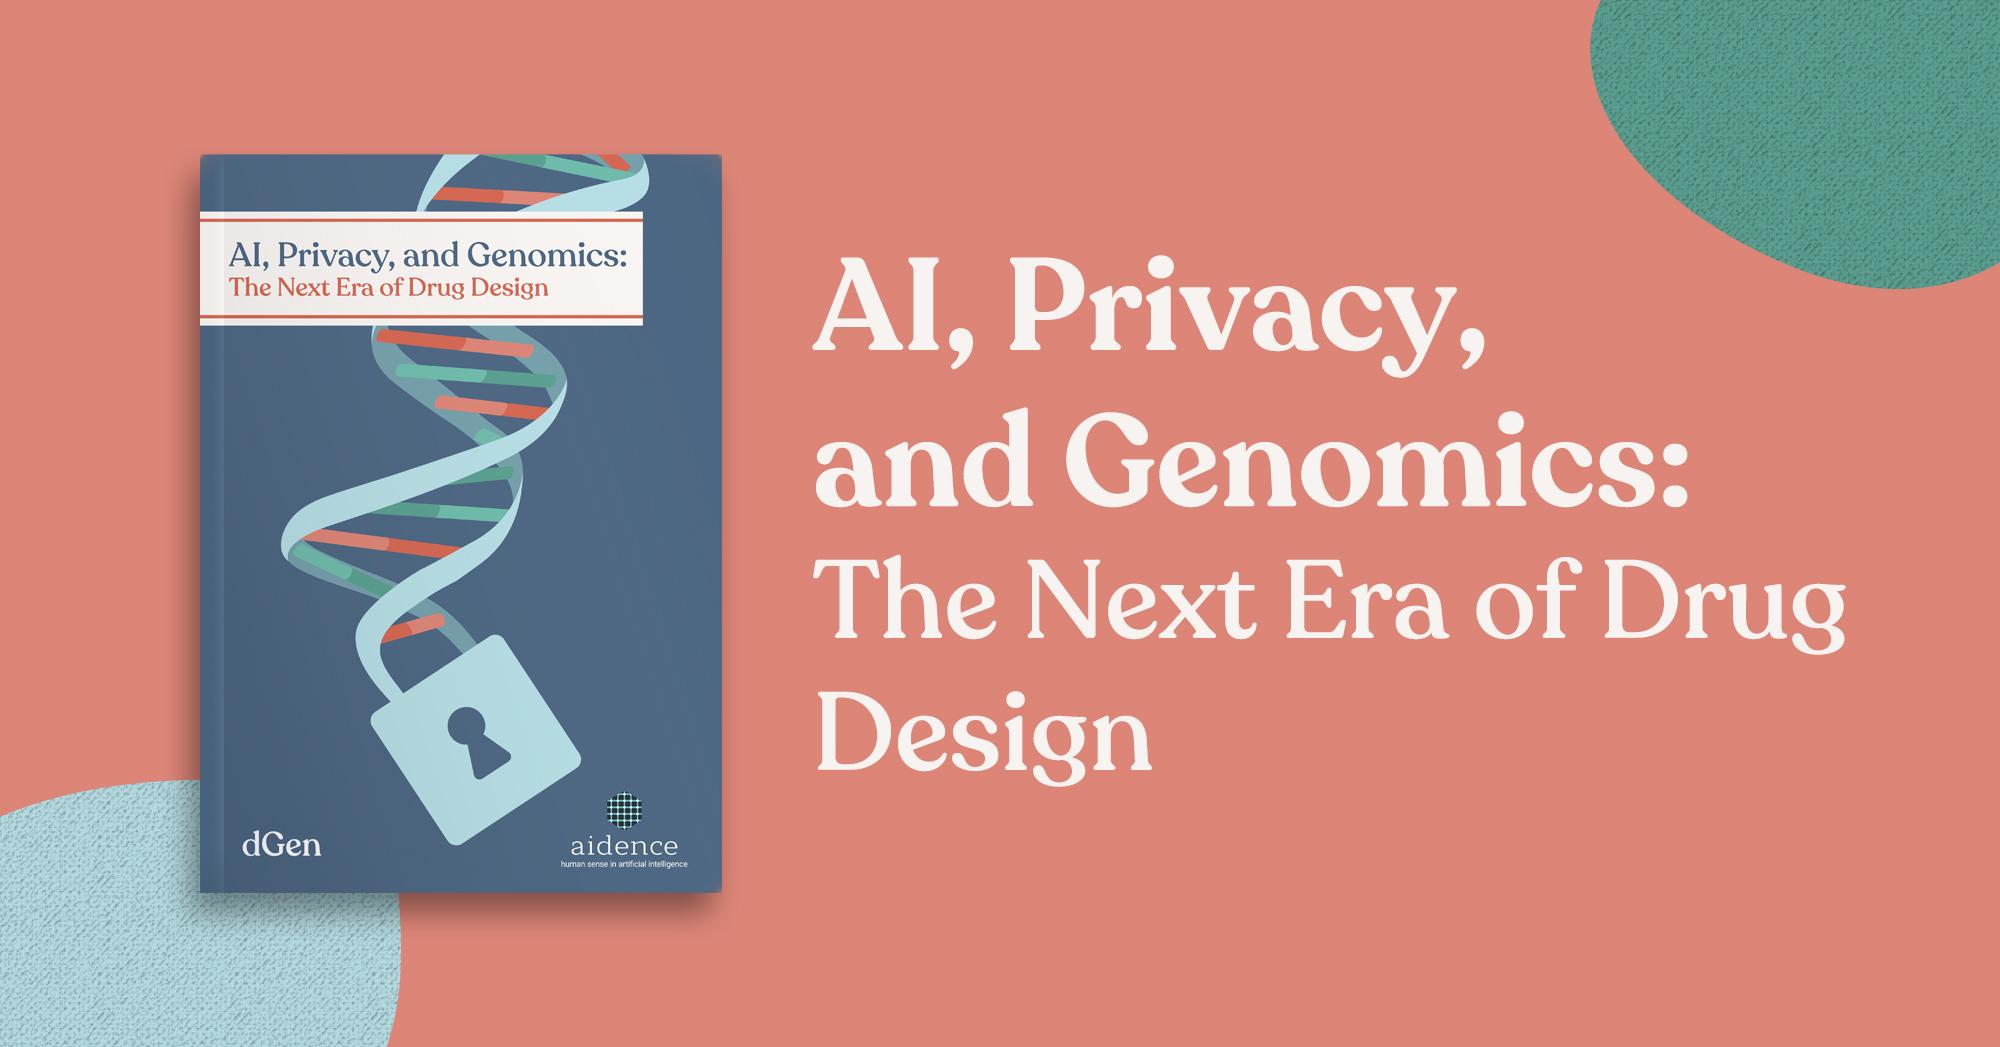 AI, Privacy and Genomics